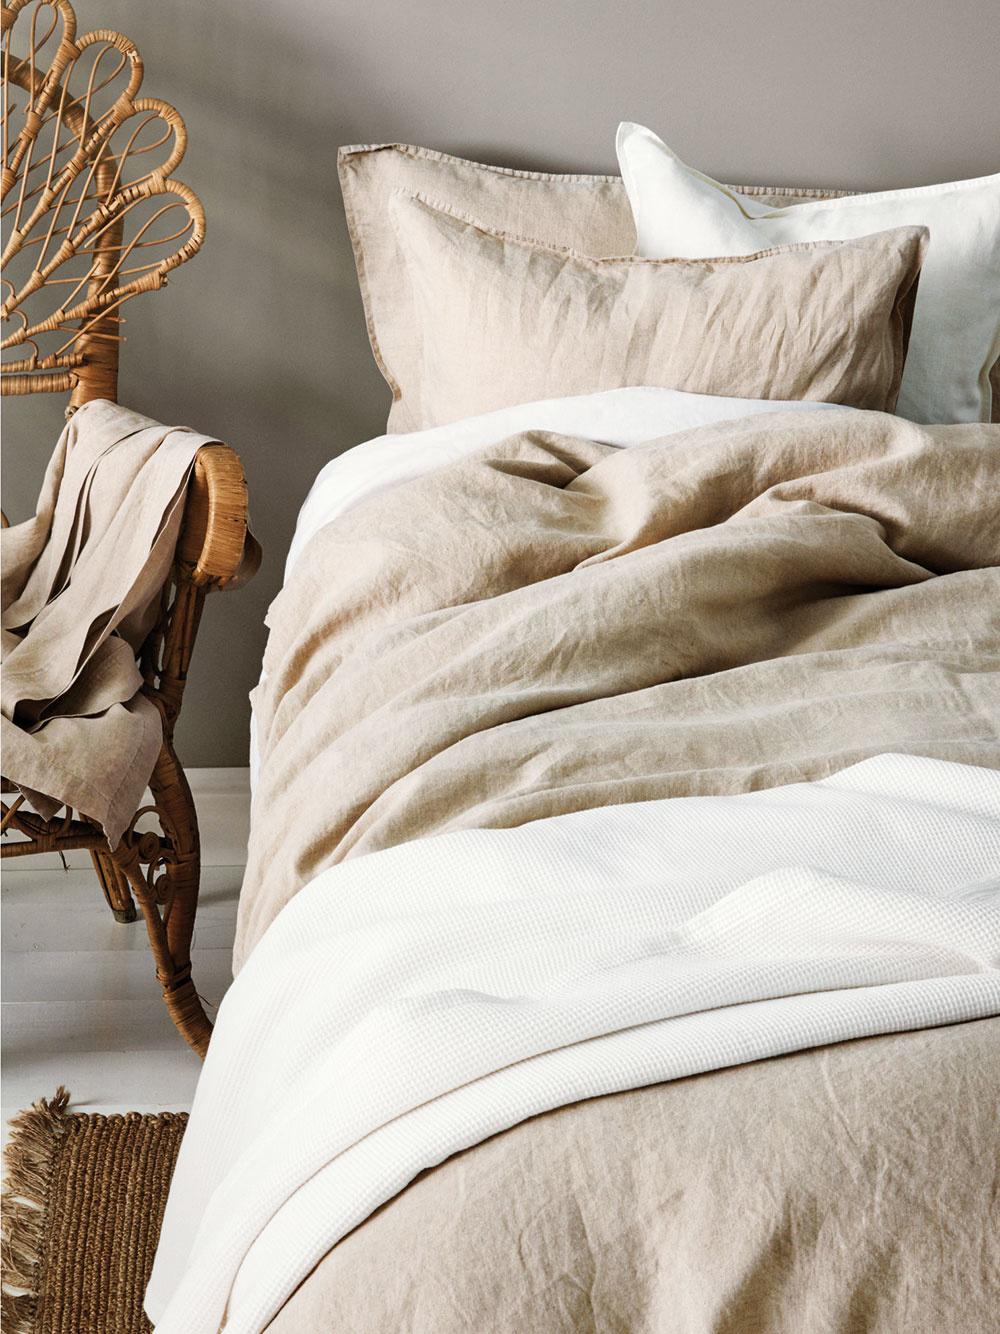 PRÍRODNÉ MATERIÁLY, ako sú ľan, hodváb či bavlna, nesmú chýbať v žiadnej romanticky ladenej spálni. Sú zdravé a príjemné na dotyk, radosť spať v nich.